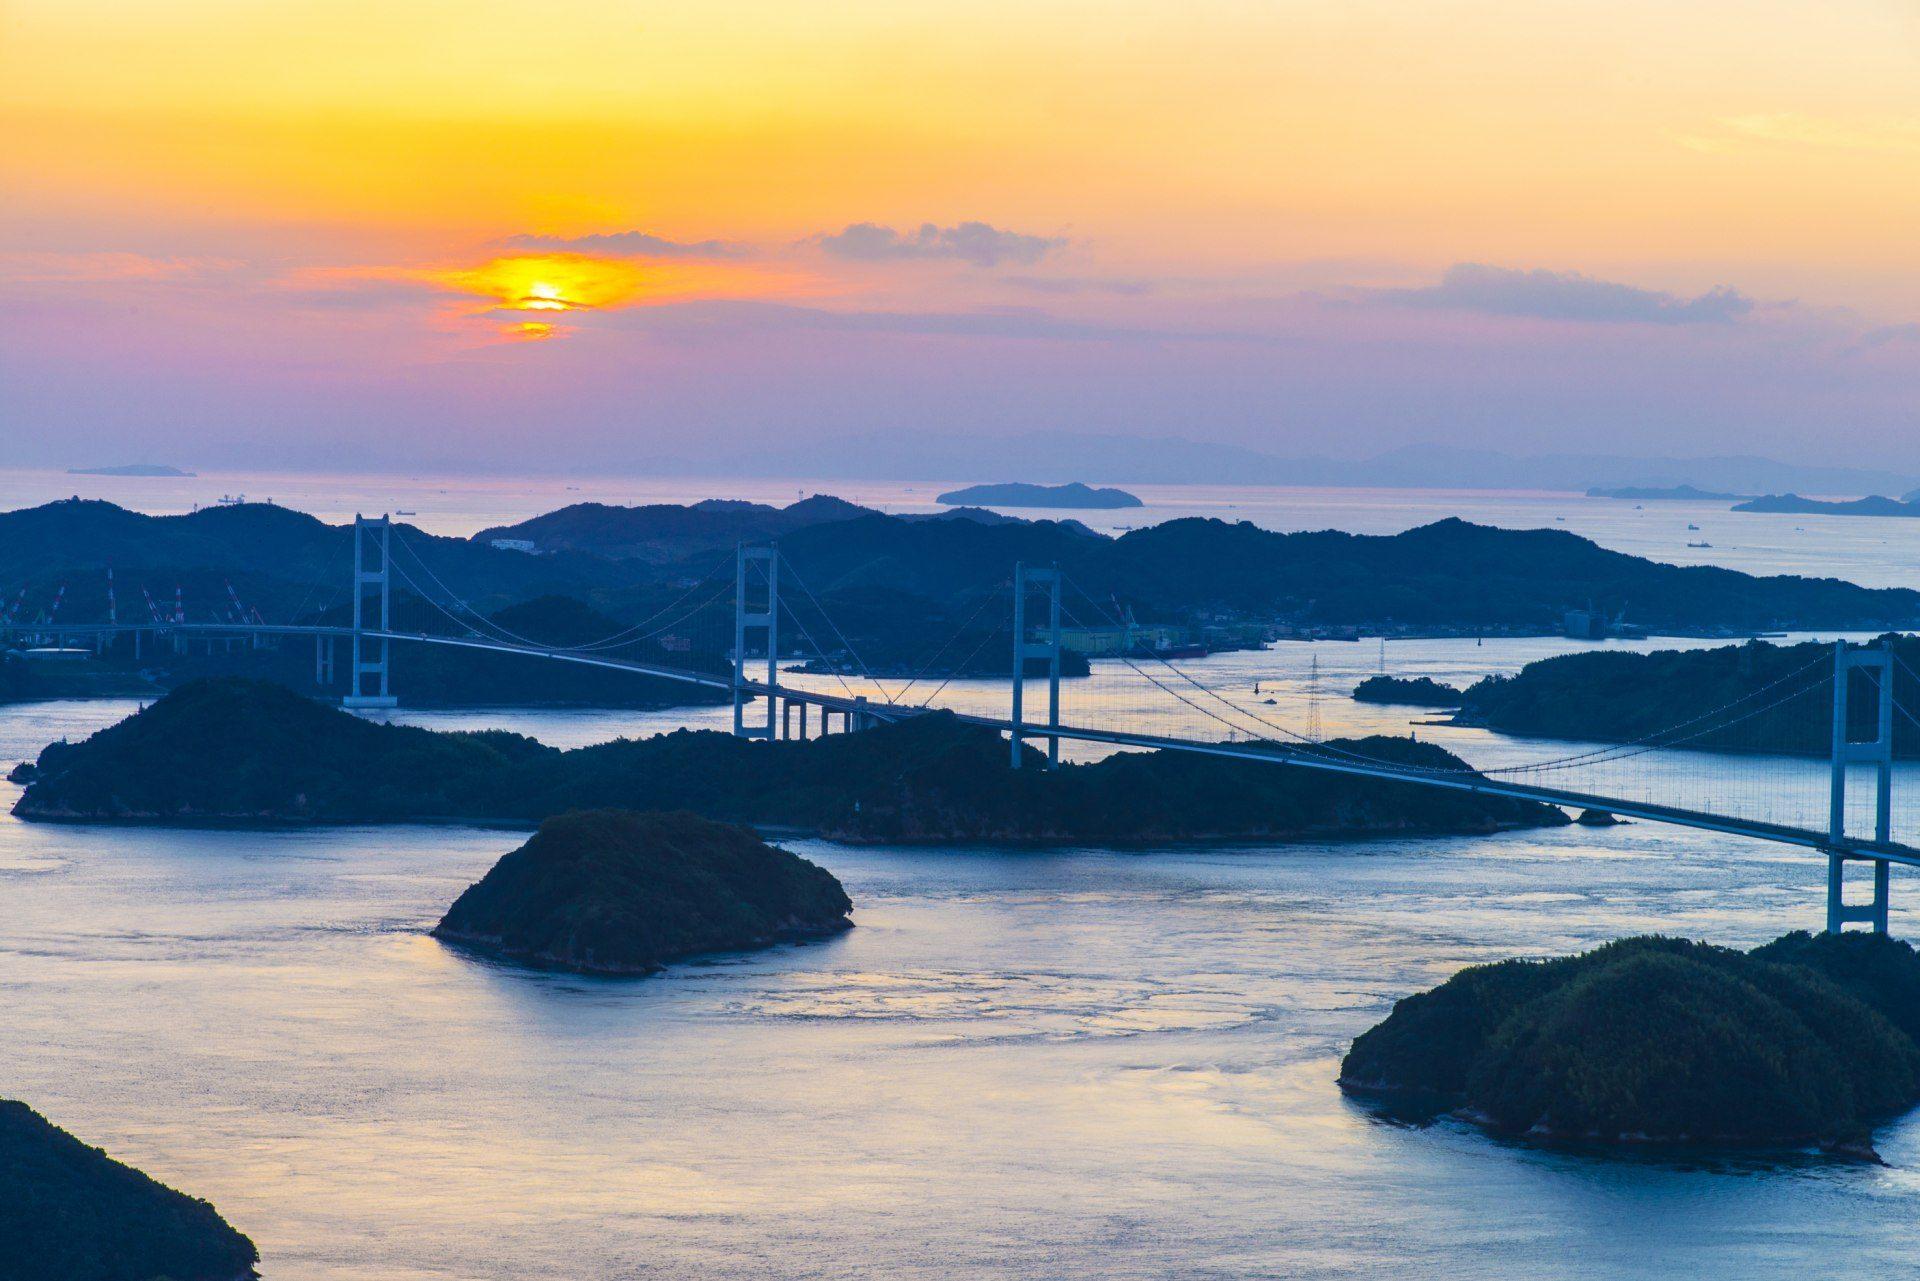 大島、龜老山展望公園、夕陽、絶景、愛知、廣島